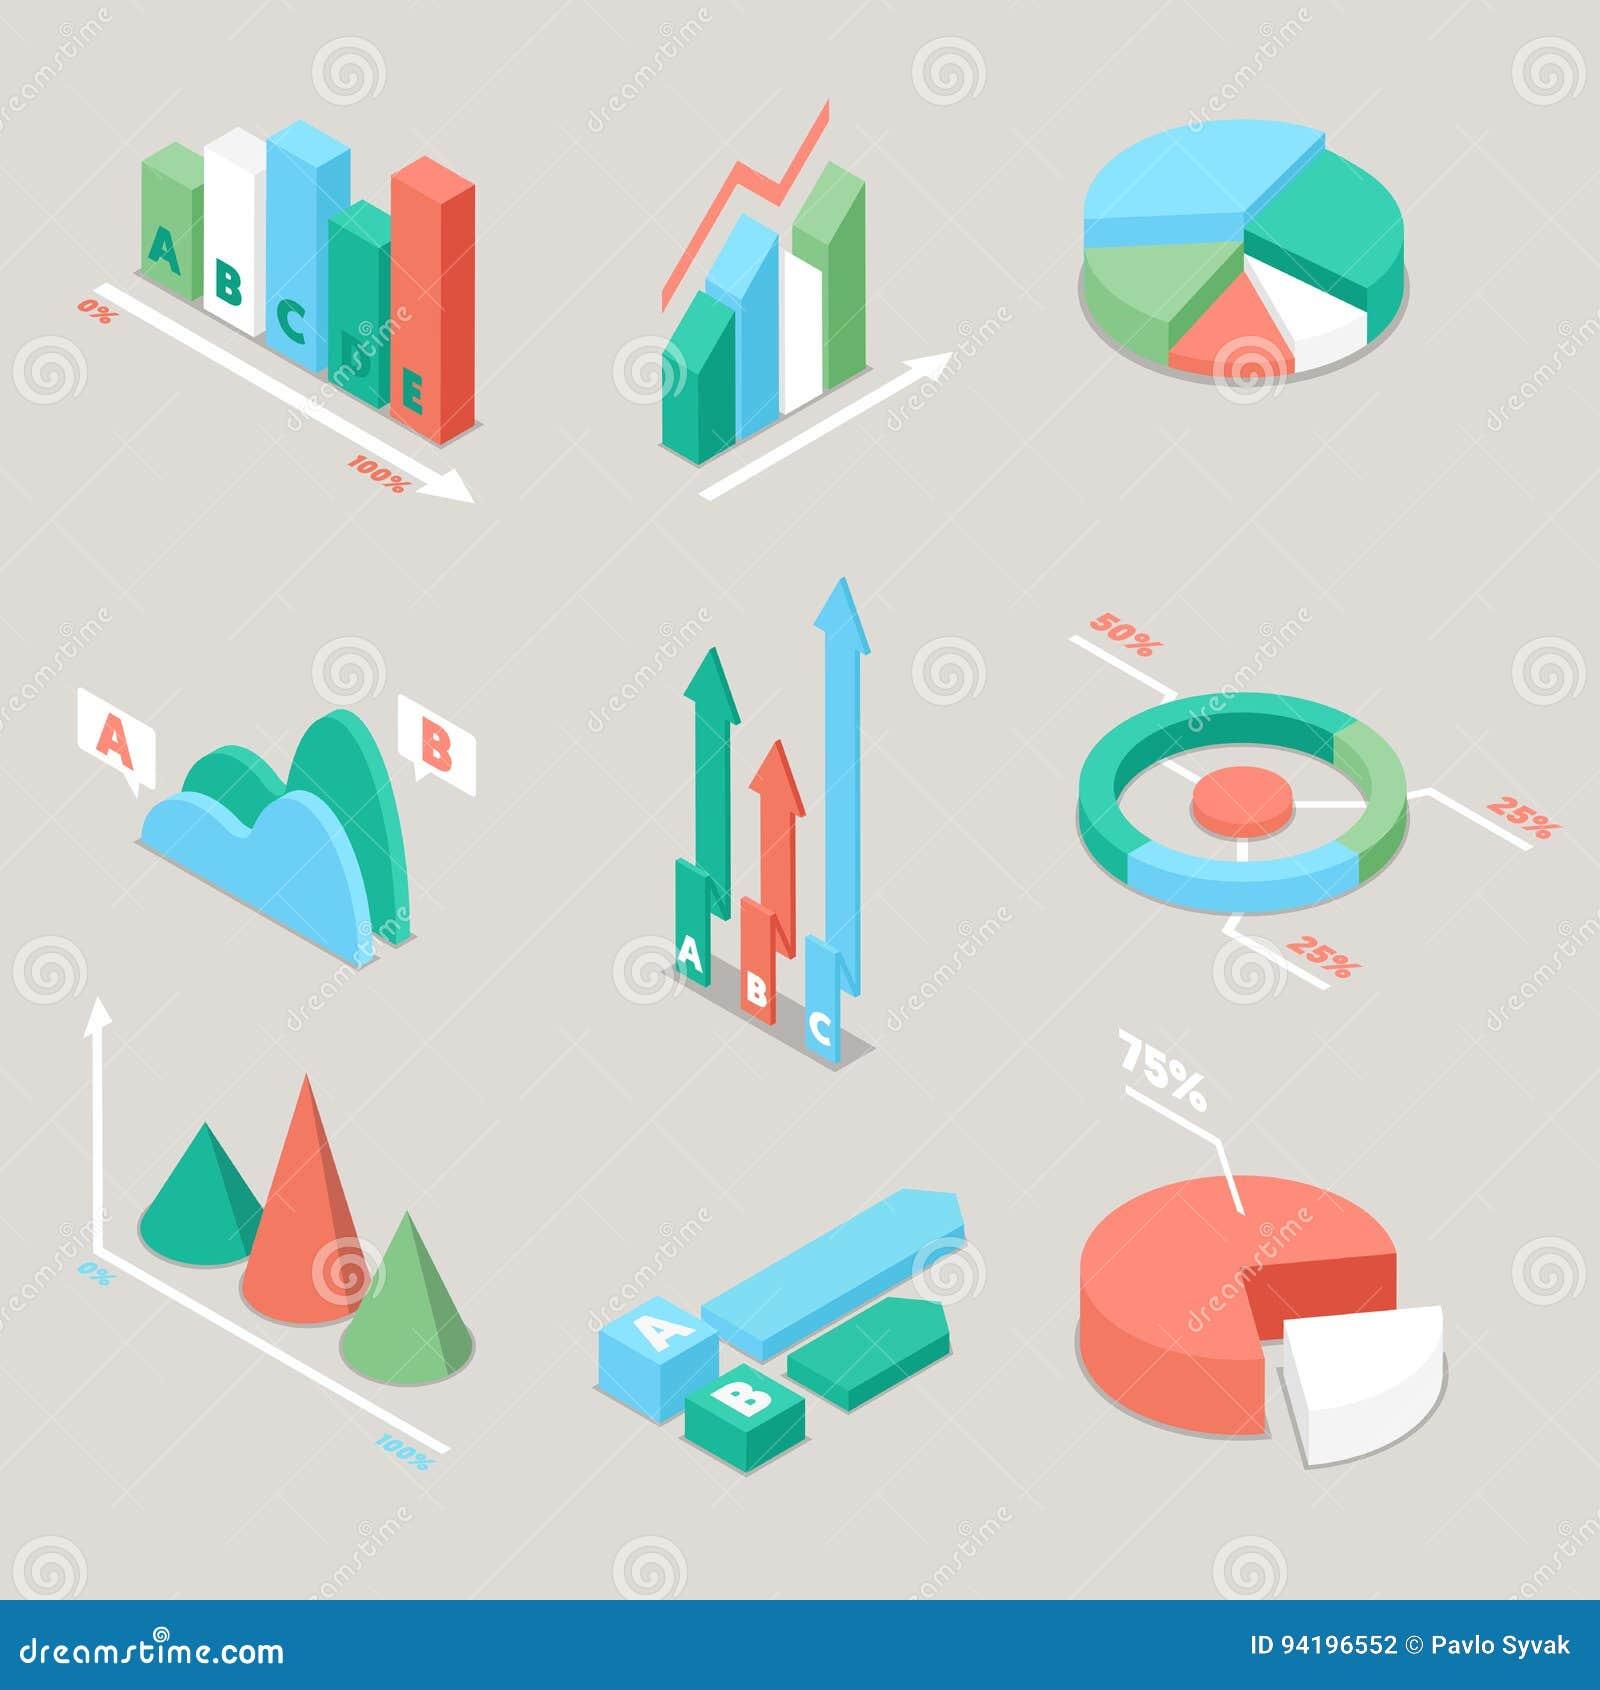 Diagramm-und Diagramm-Statistik-Elemente Finanzanalyse Geschäft Analytics